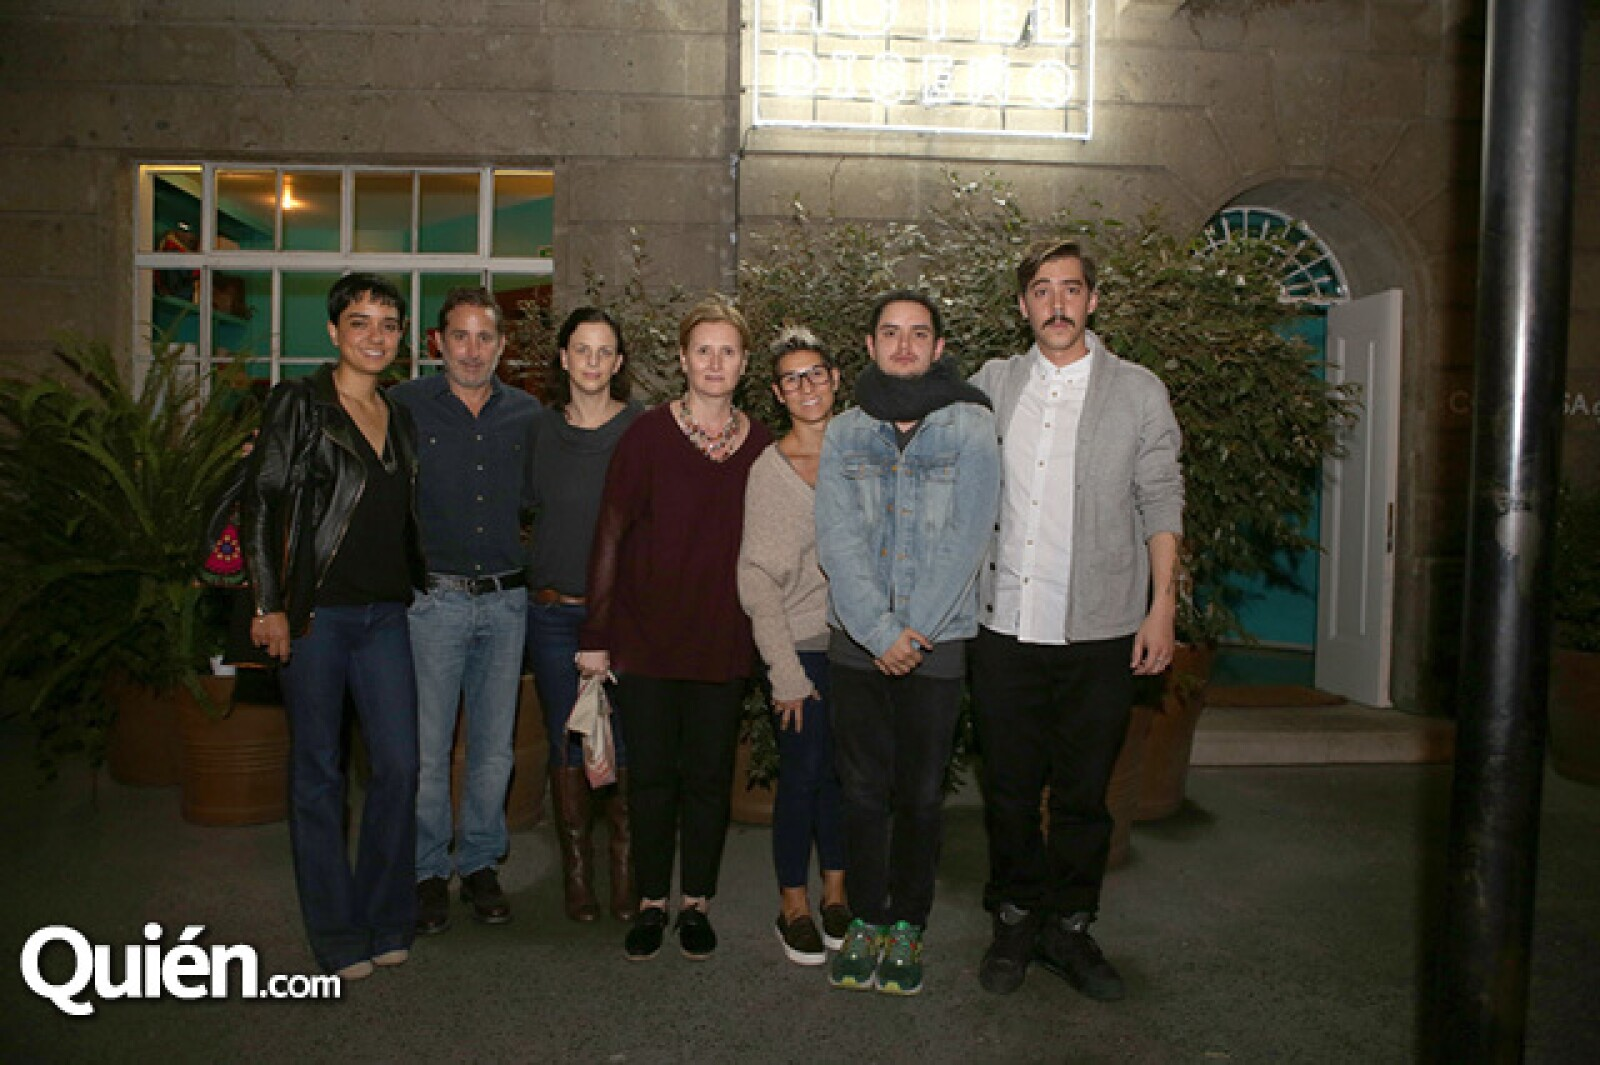 Renata Becerril,Moisés Micha,Cecilia León de la Barra,Ana Elena Mallet,Tania Esparza,Carlos Maldonado y Juan Pablo Viedma